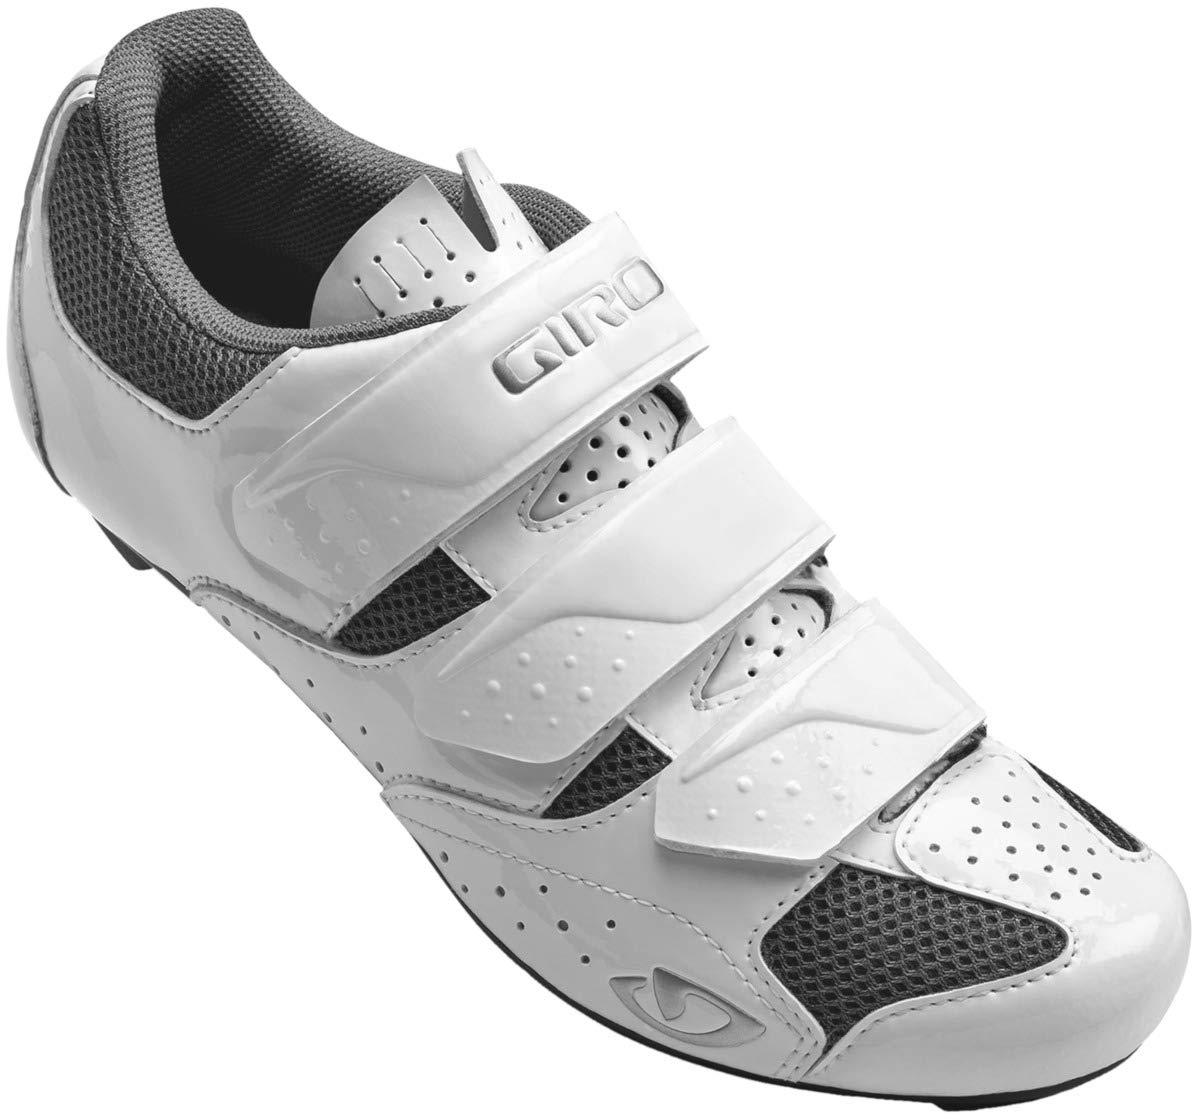 Giro Techne Cycling Shoes - Women's White/Silver 38